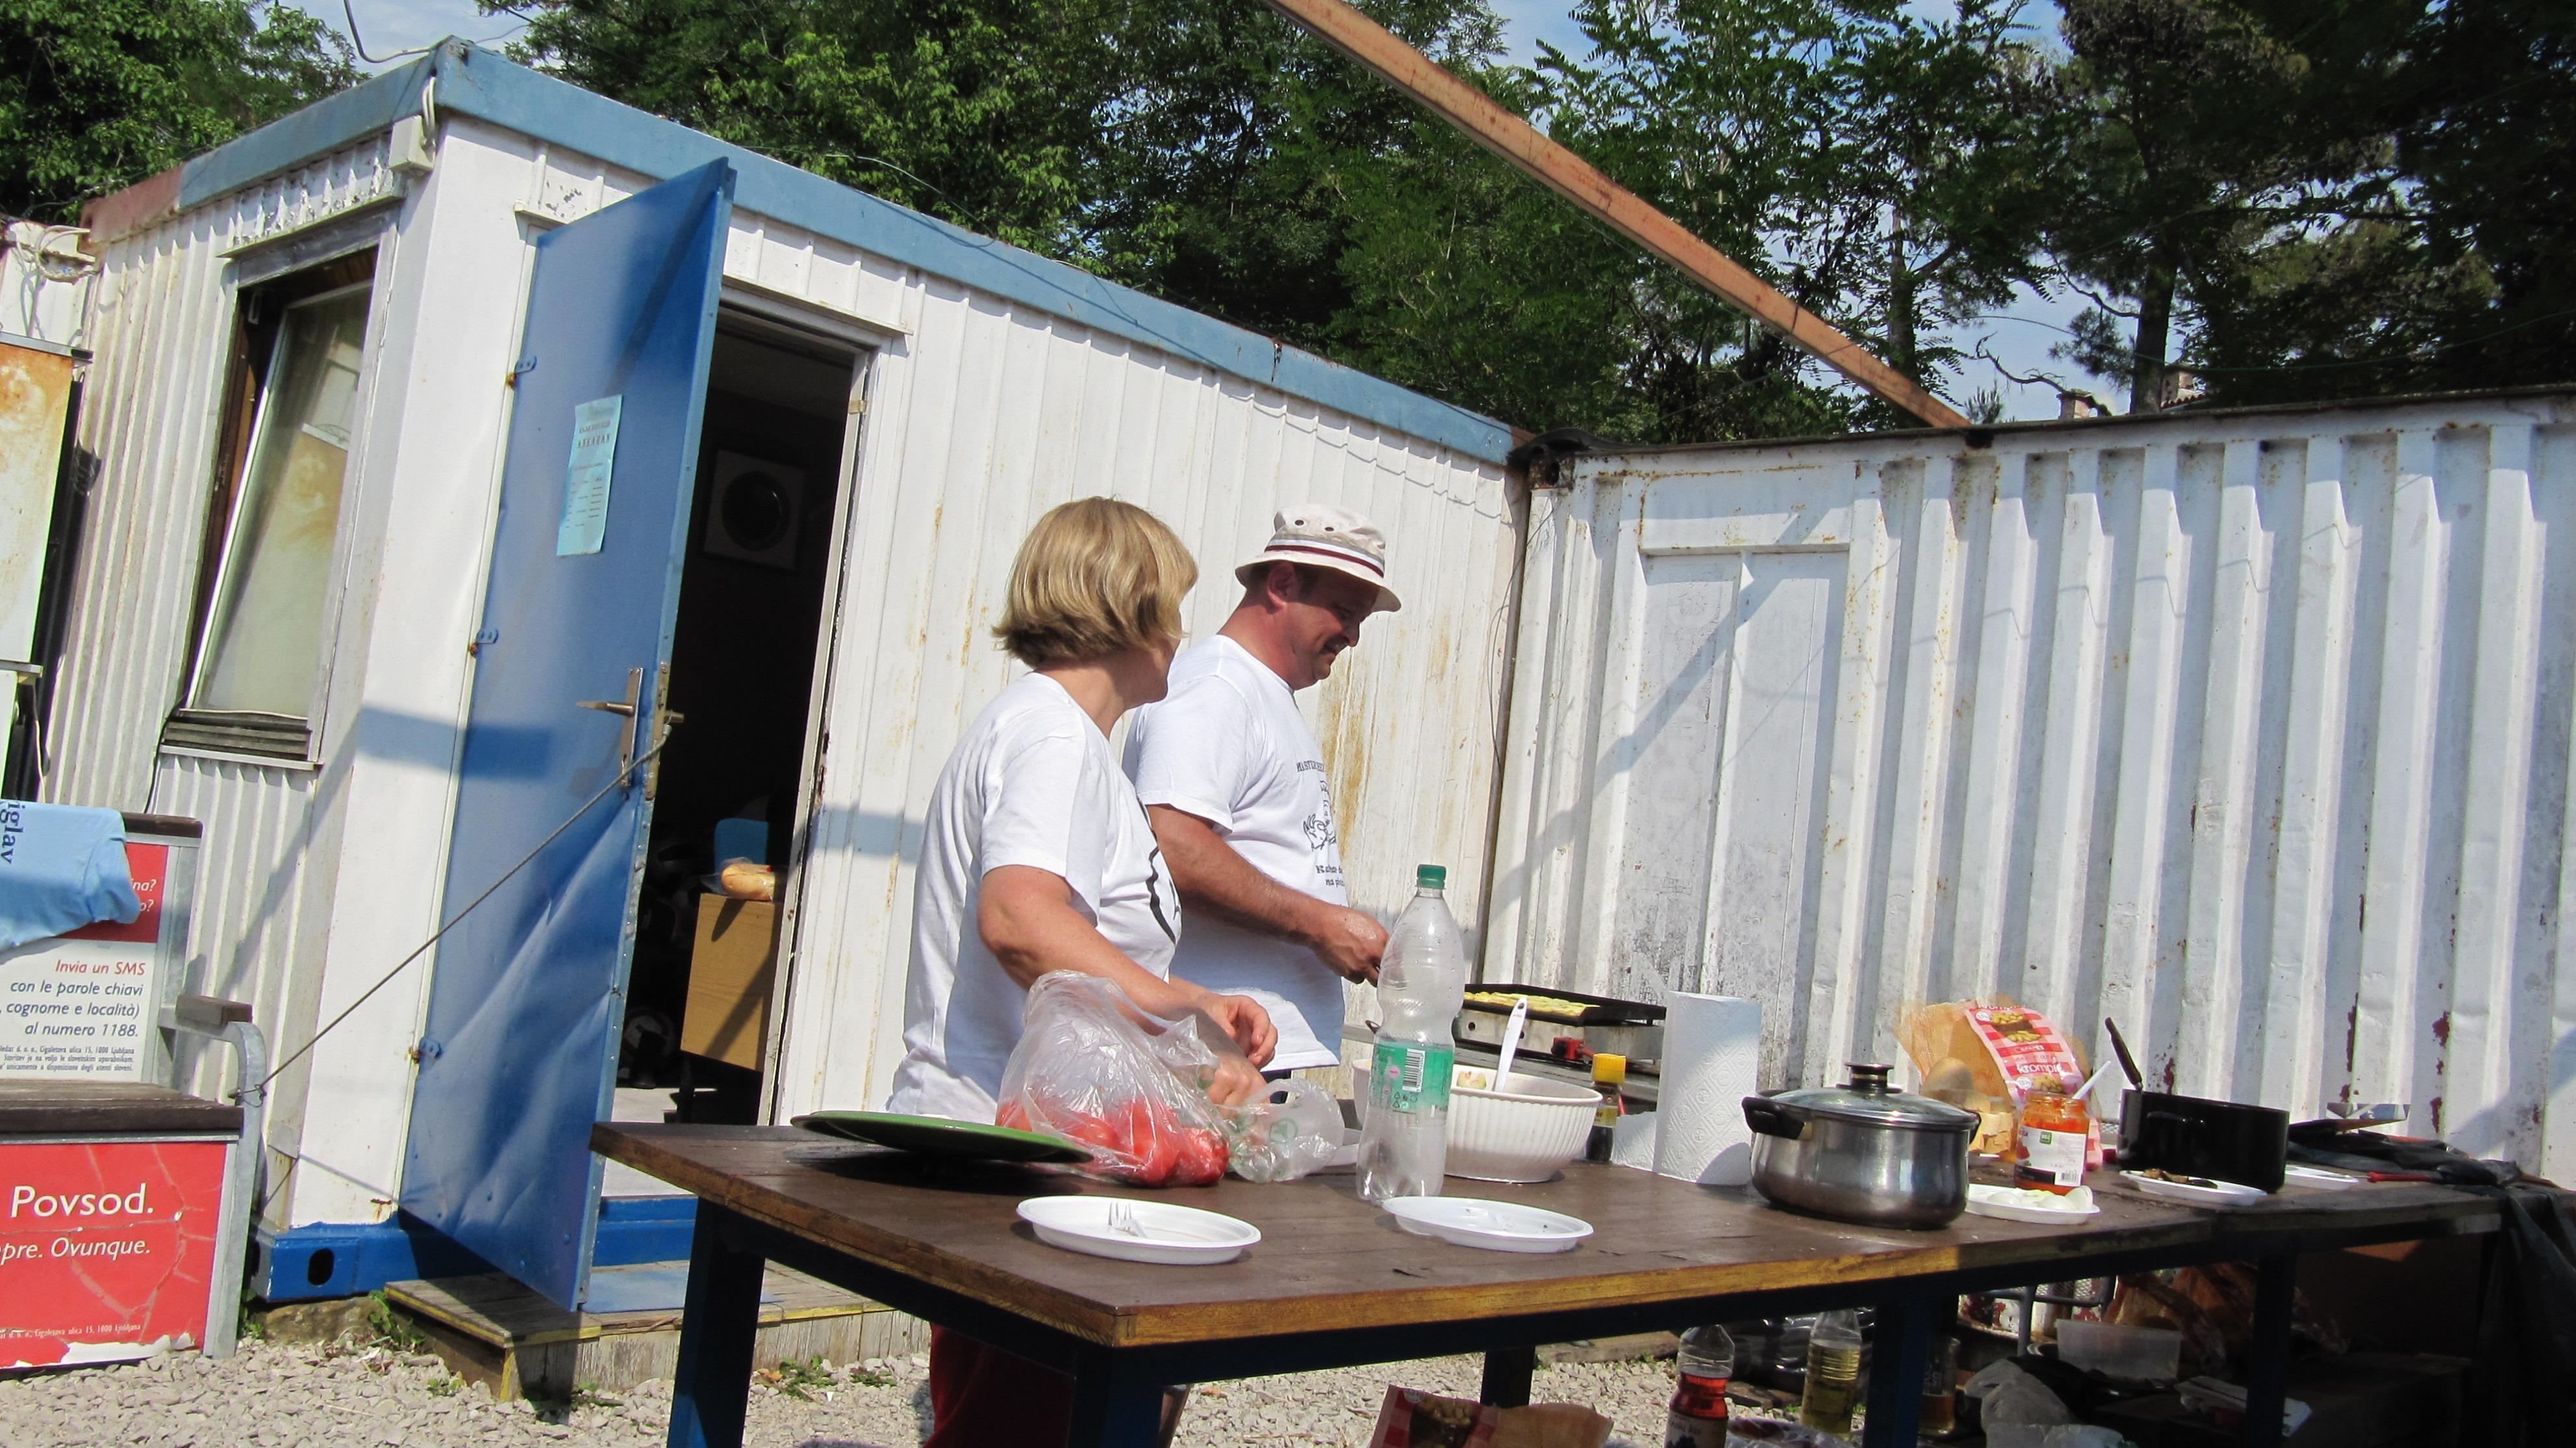 Sonja je pridno pomagala roštiljđiji